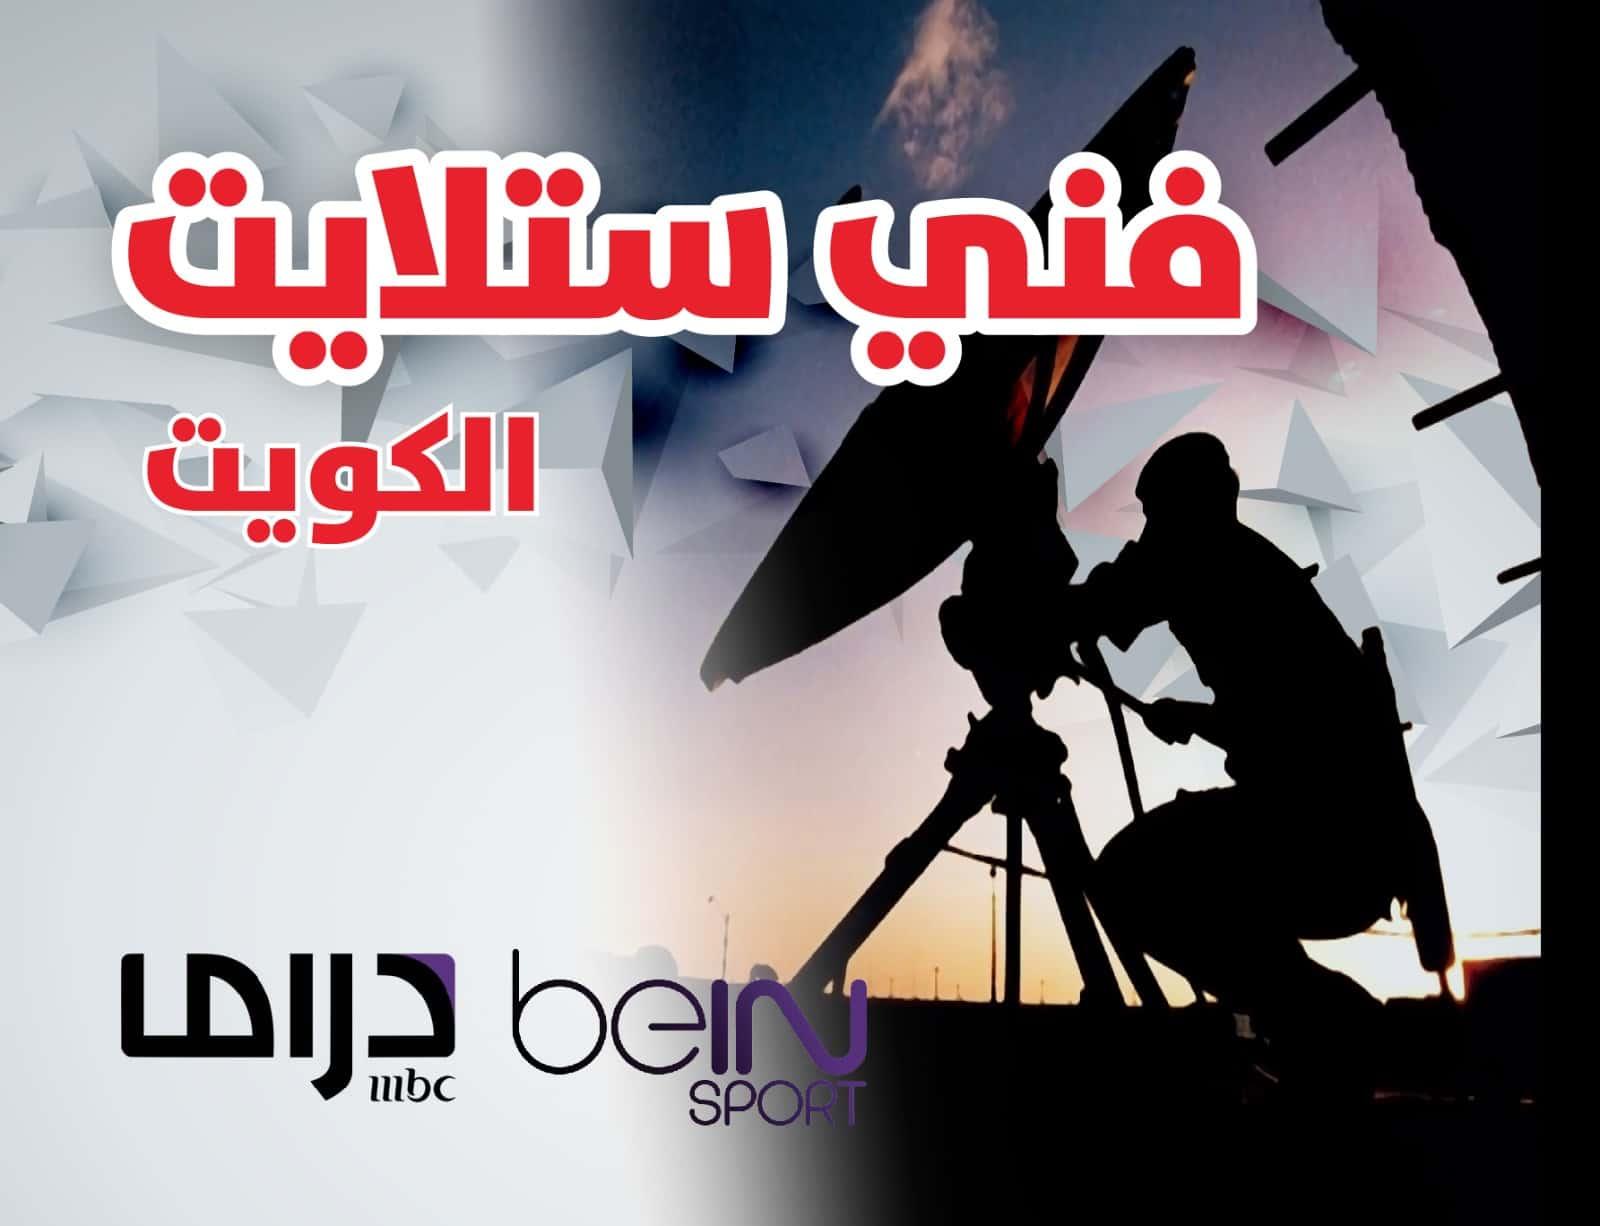 ستلايت الظهر 94955008 خدمات ستلايت في الكويت